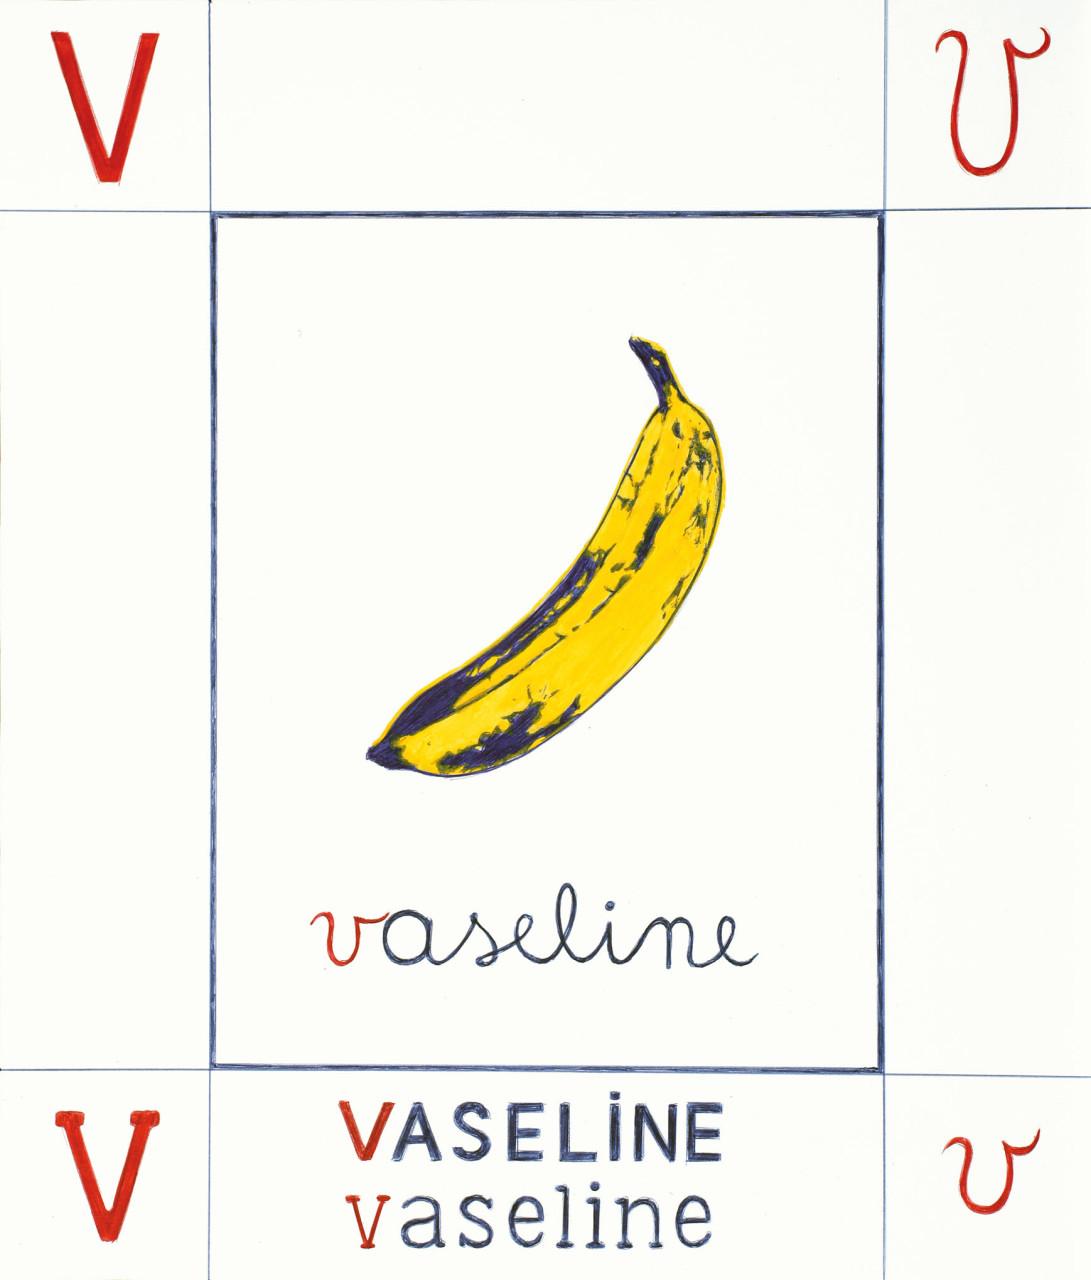 22V-vaseline_bassa